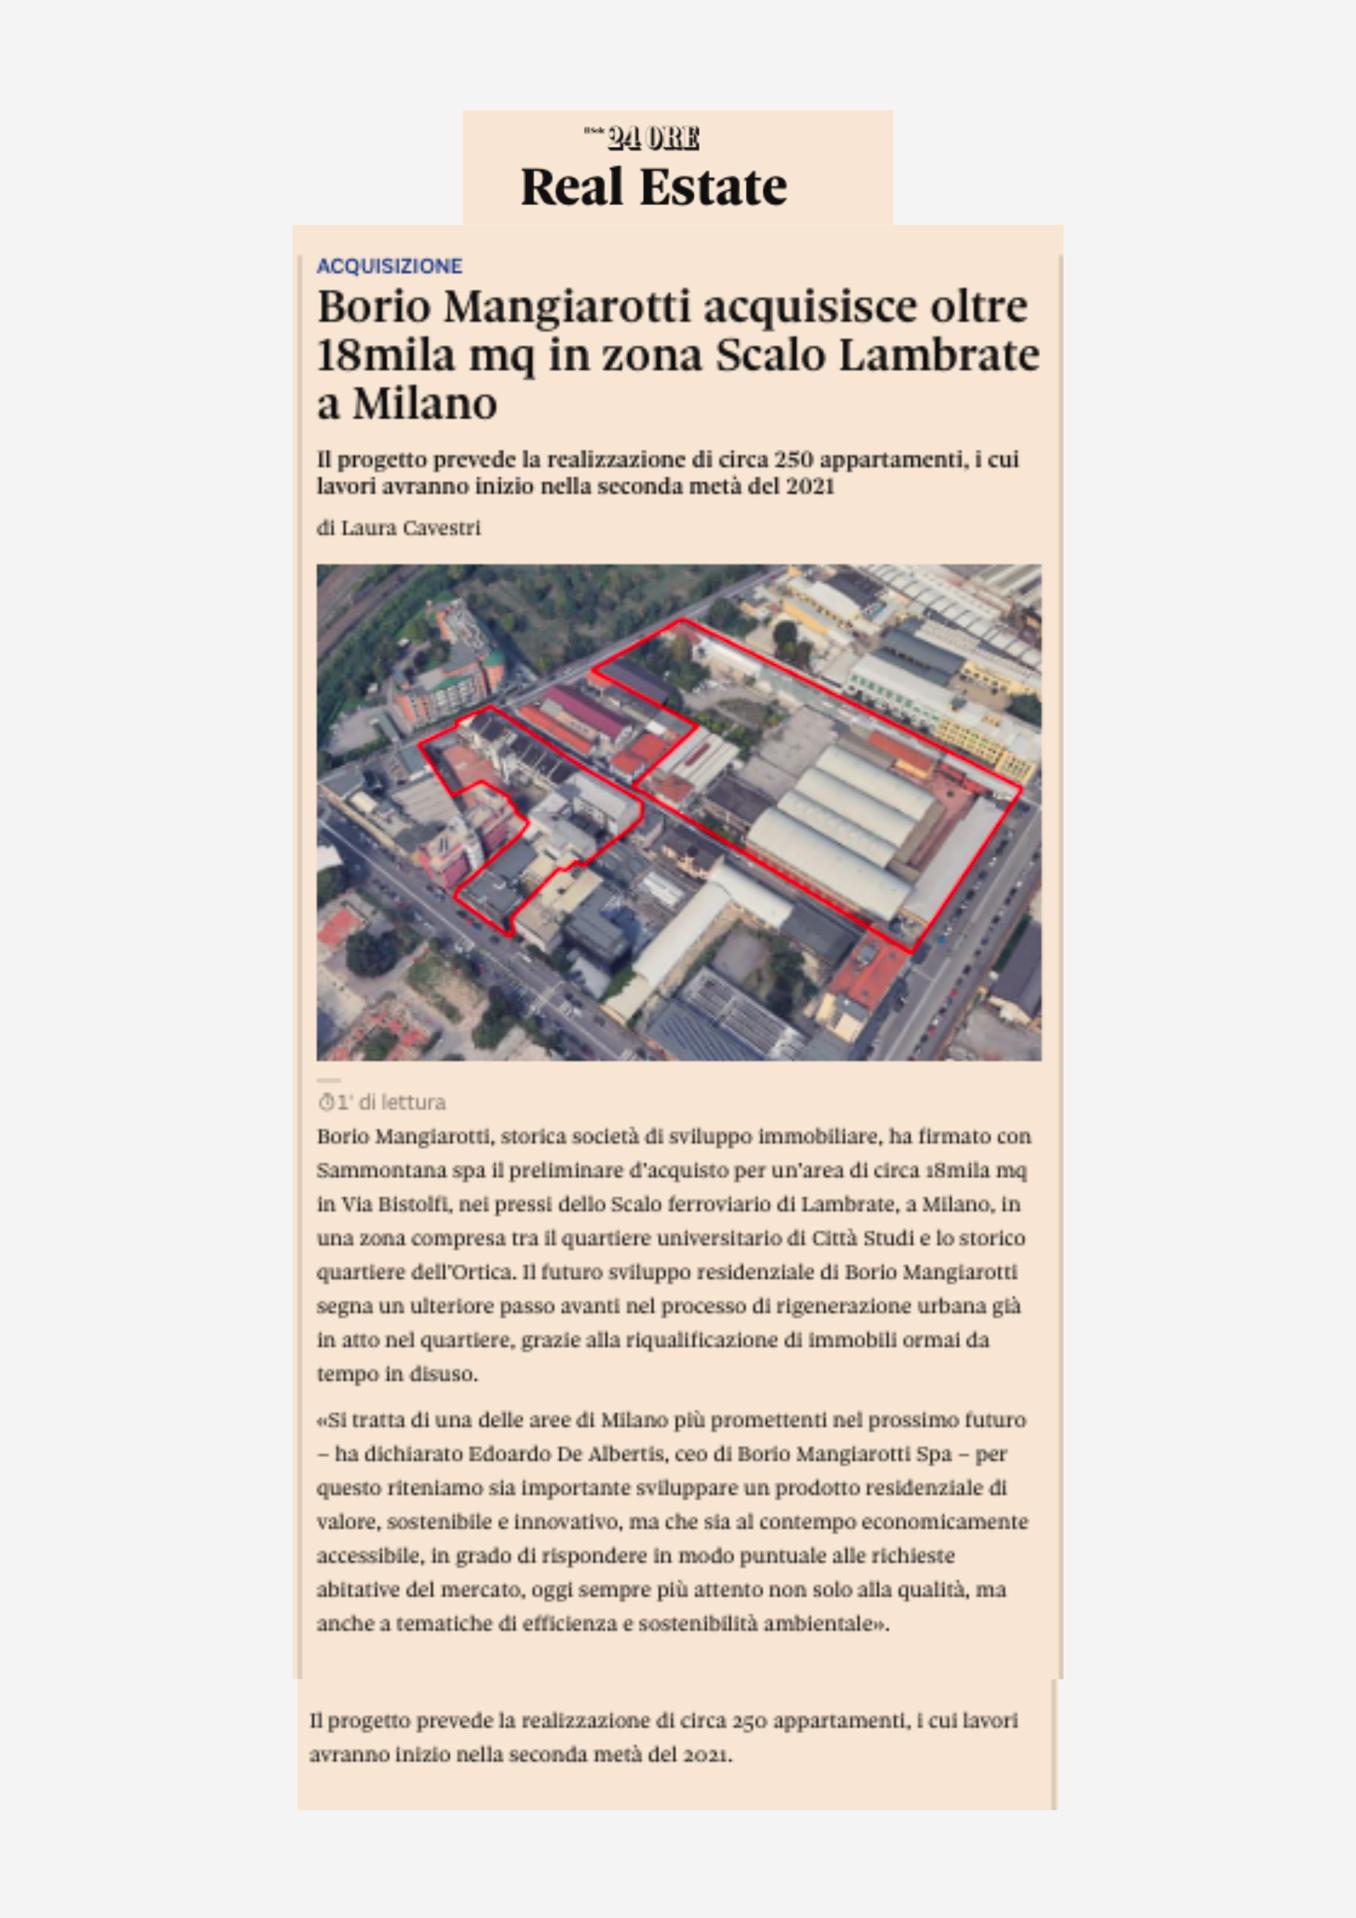 Bistolfi, Borio Mangiarotti acquisisce da Sammontana 18.000 mq in zona Lambrate a Milano